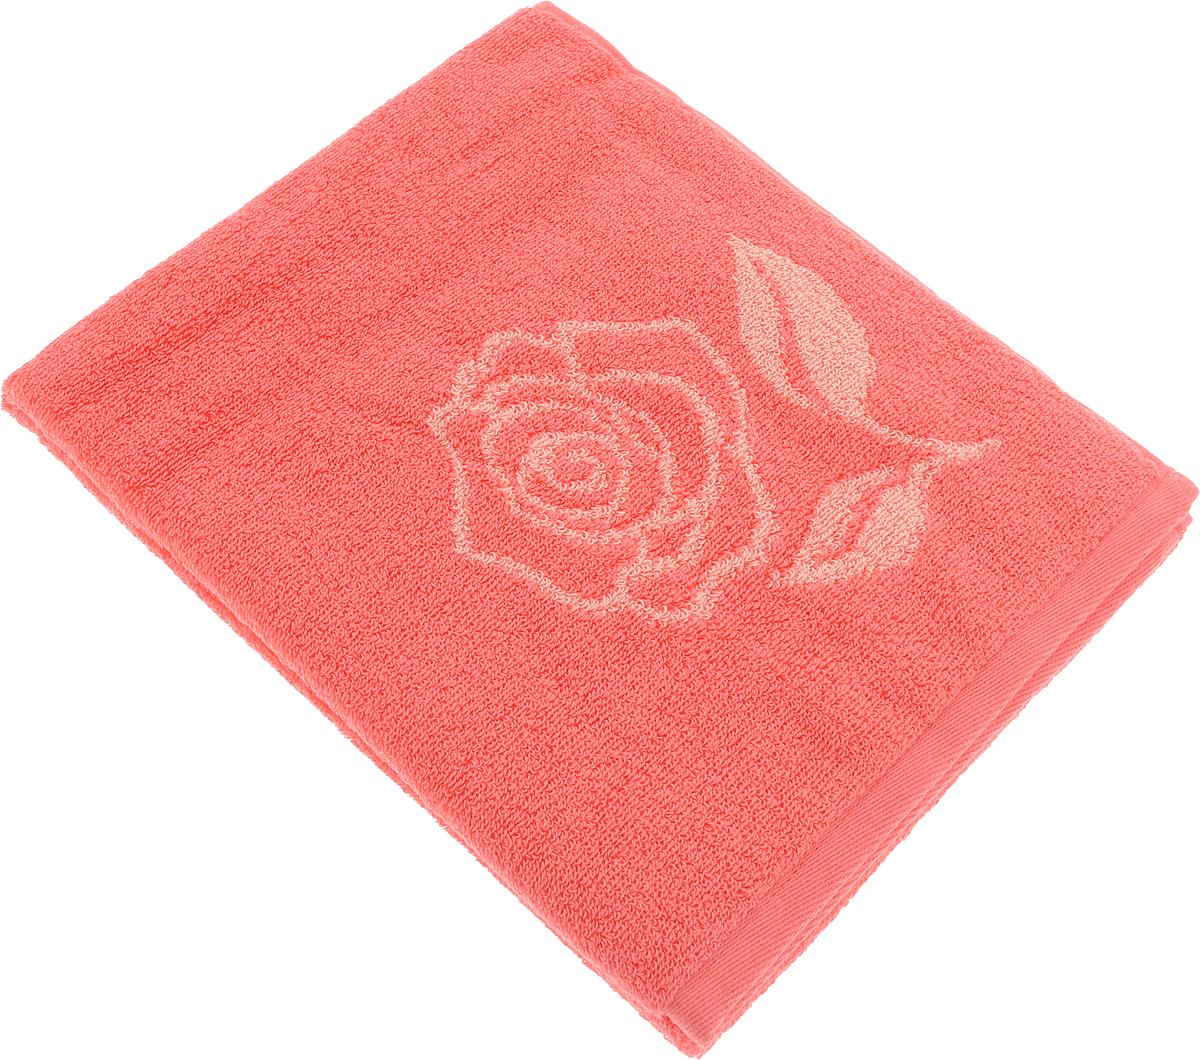 Полотенце банное Aquarelle Розы 1, цвет: розово-персиковый, коралловый, 50 х 90 см bon appetit кухонное полотенце aquarelle 38х63 см